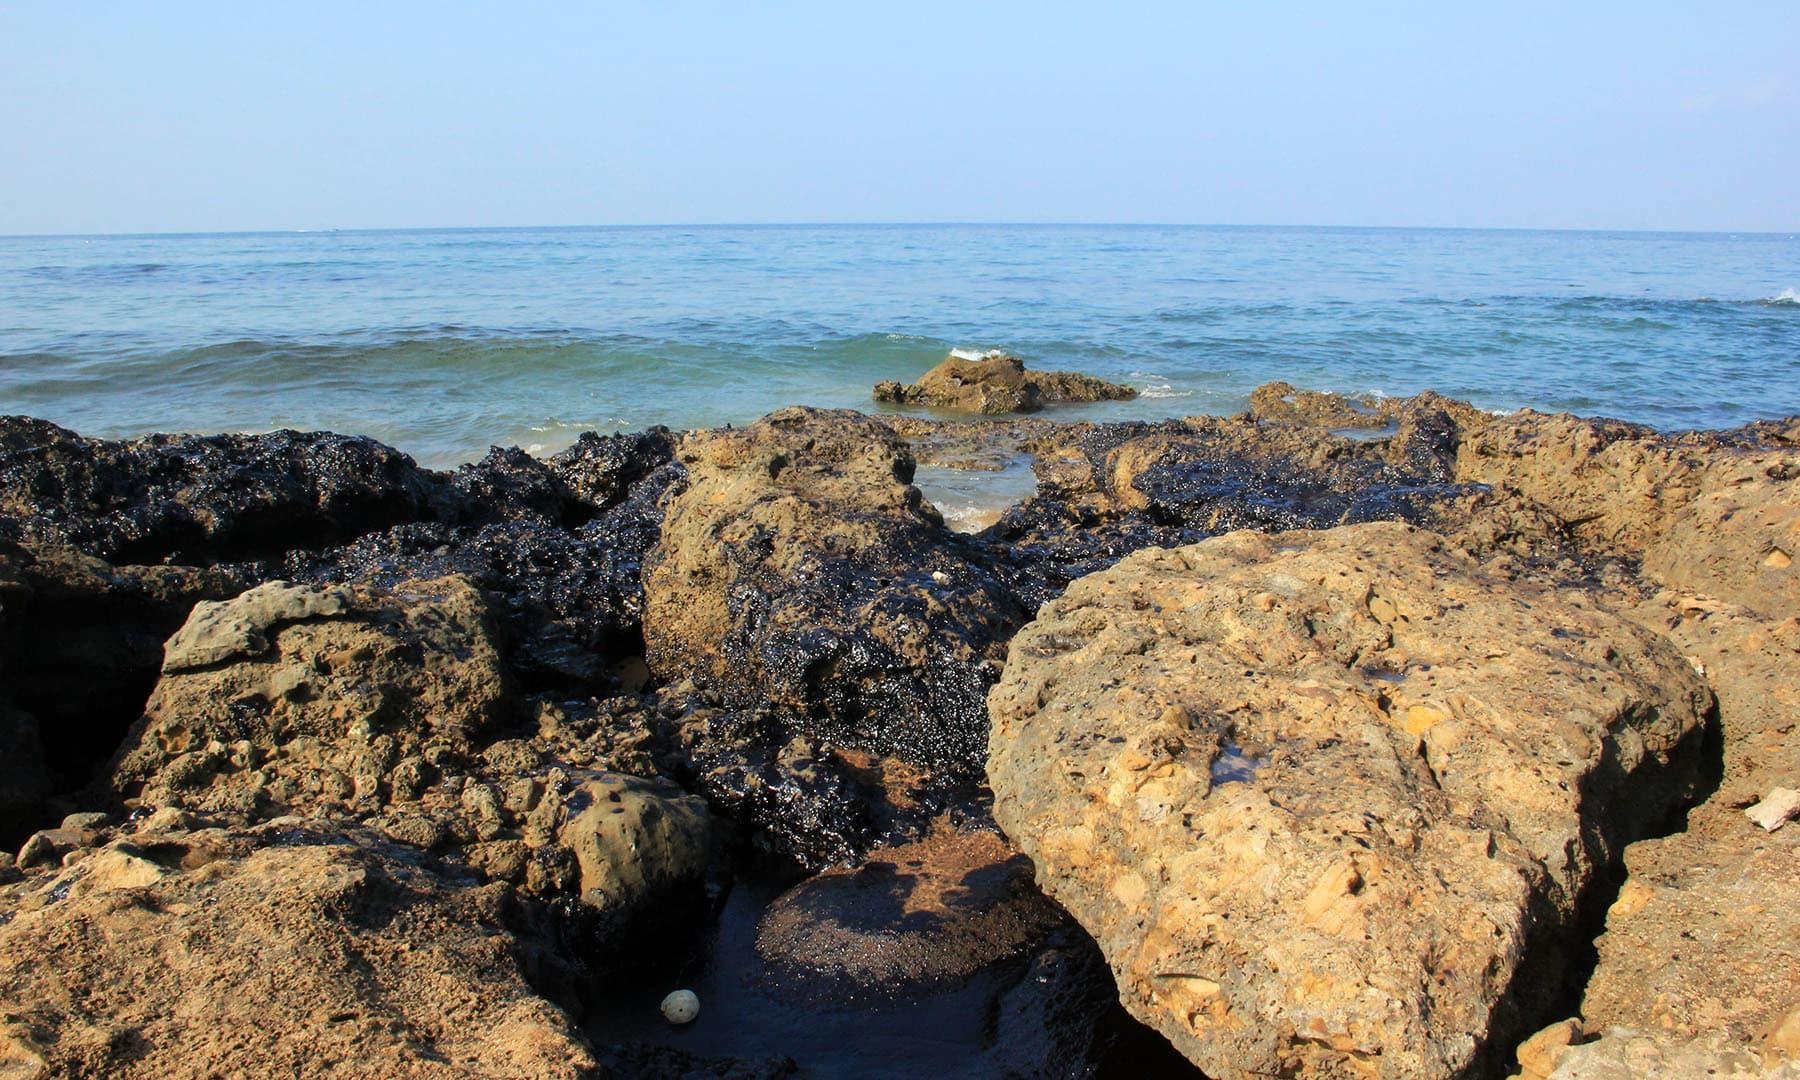 سمندر میں موجود پتھر بھی تیل سے محفوظ نہیں رہ سکے۔— فوٹو سعید الاسلام